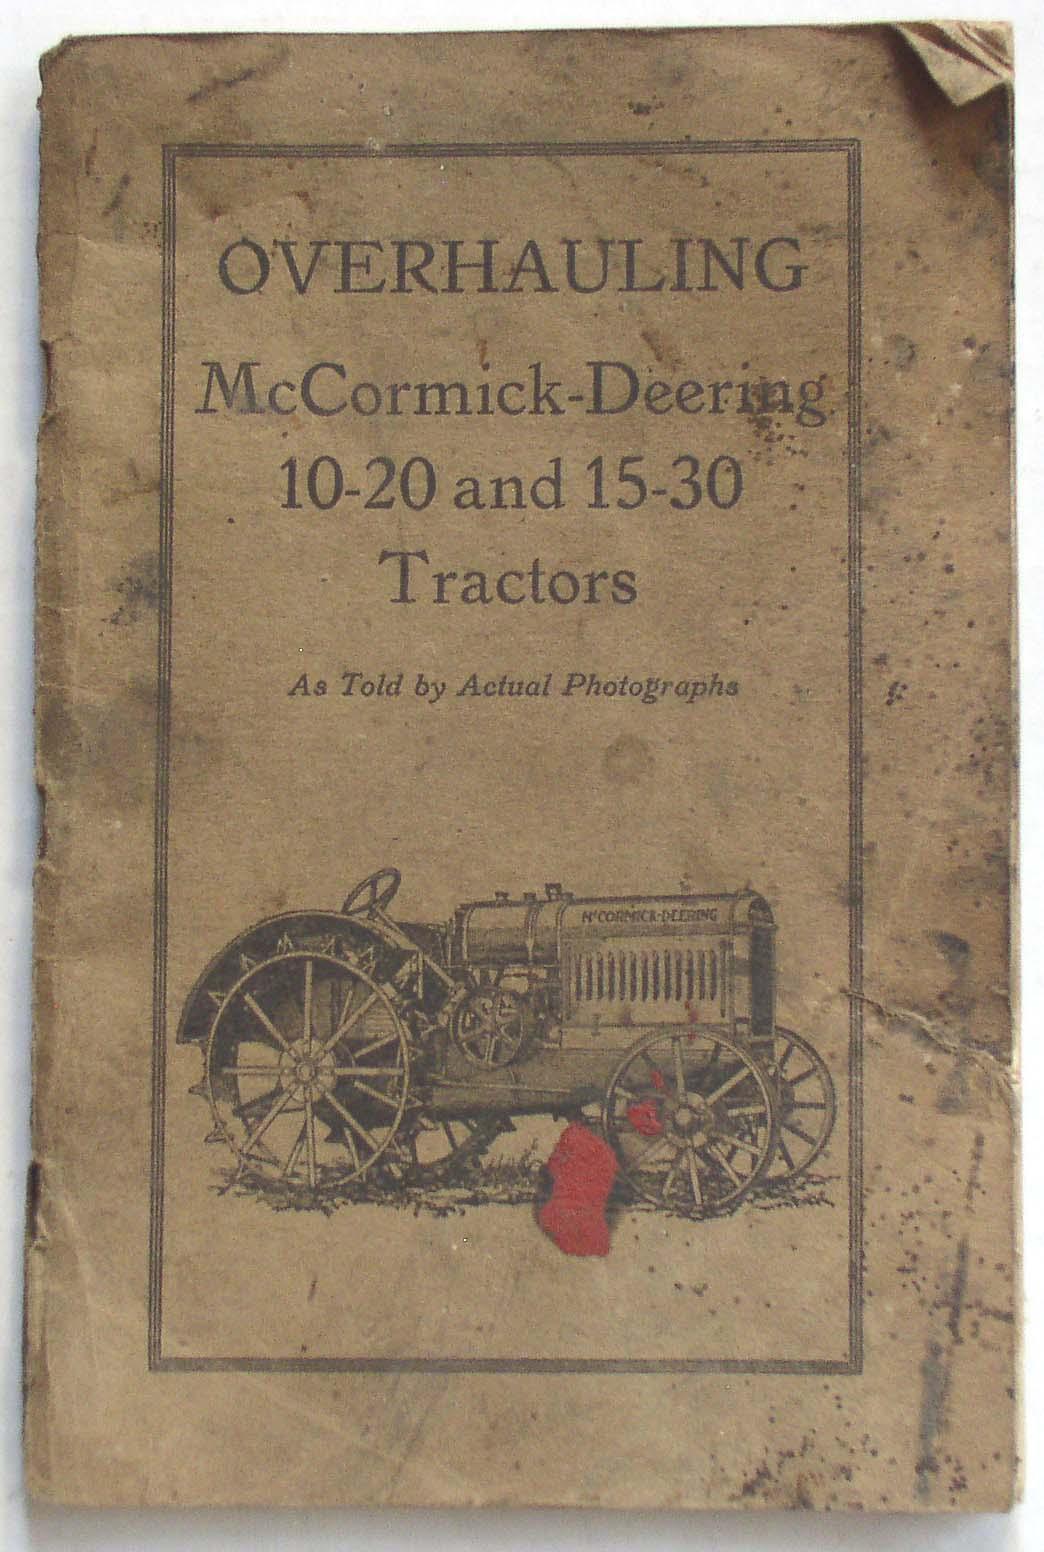 Manual Overhaul McCormick-Deering 10-20 & 15-30 Tractors